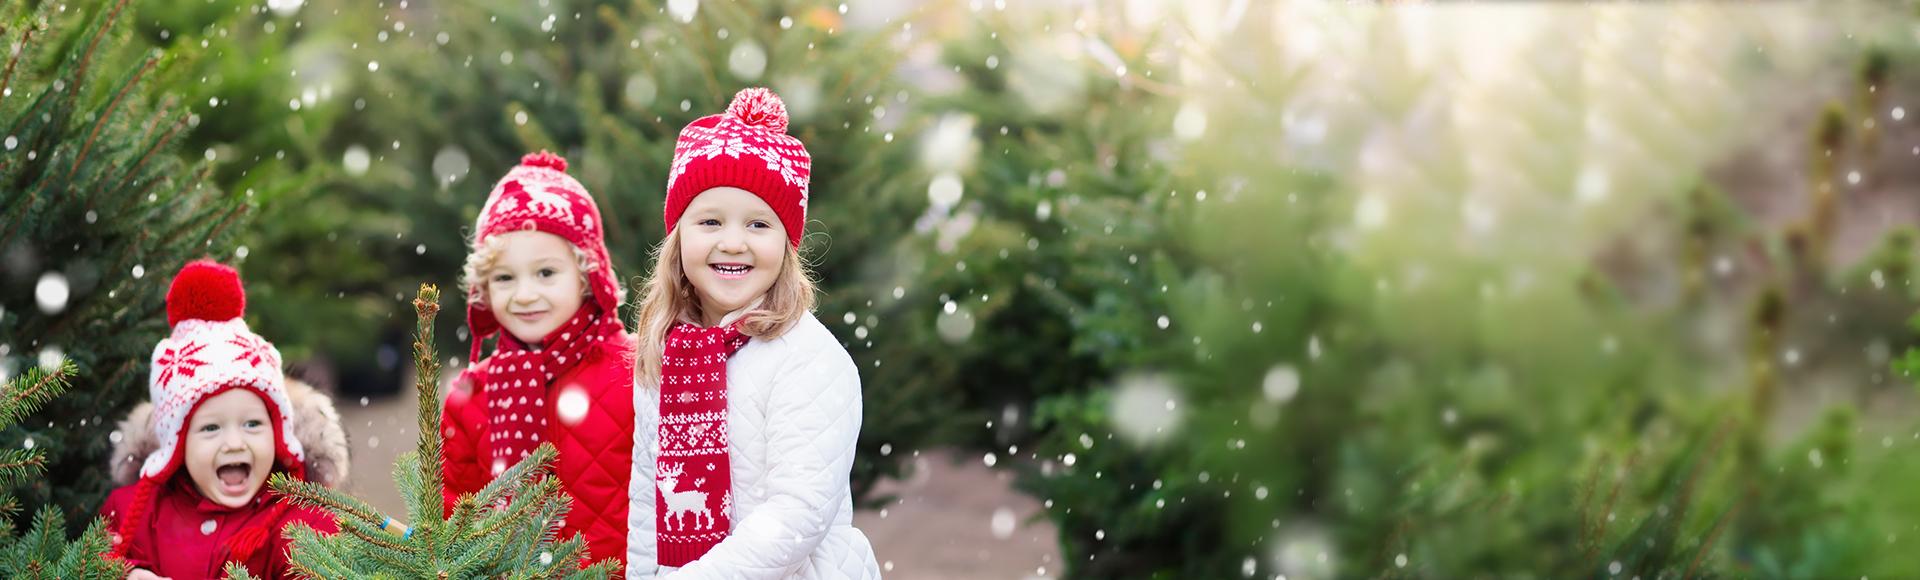 Kruidvat - Stapelkorting op alle kerstkaarten! 25% | 35% | 50%